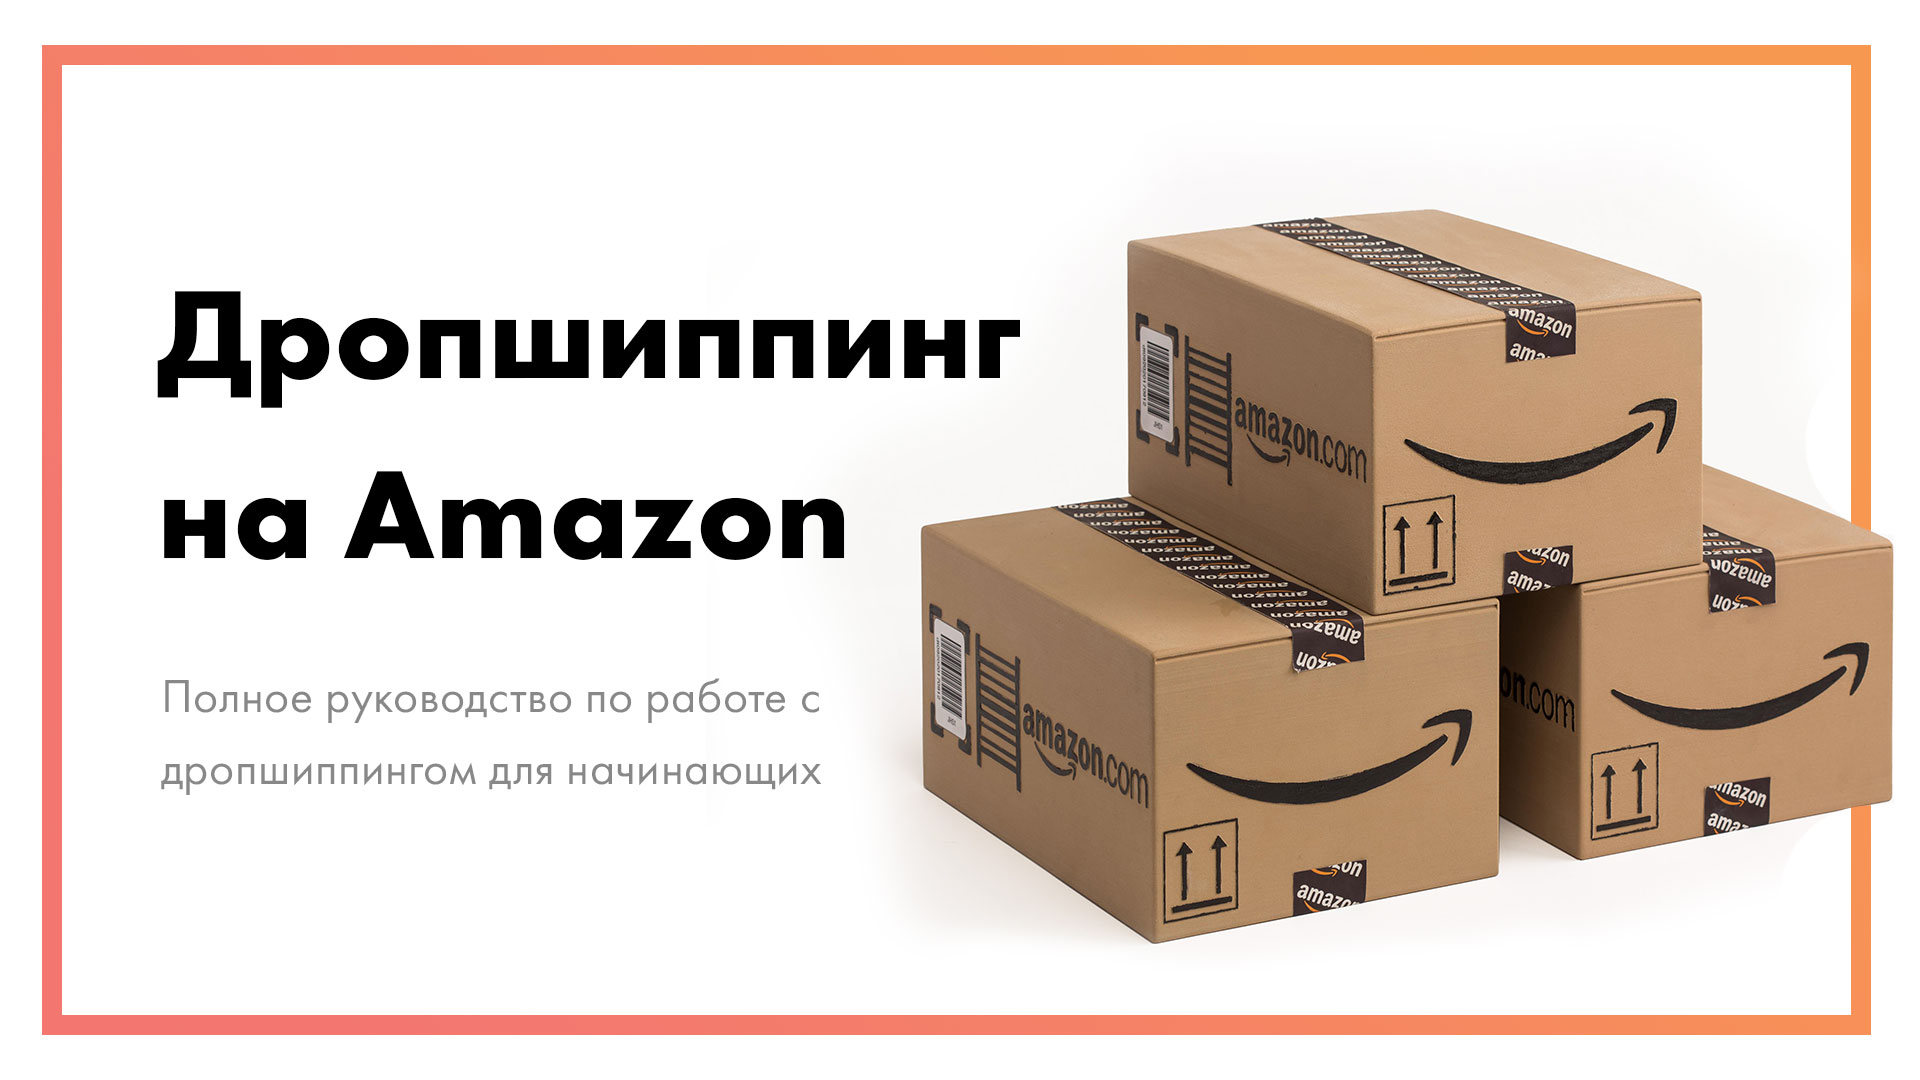 Дропшиппинг-на-Amazon-–-полное-руководство-для-начинающих.jpg